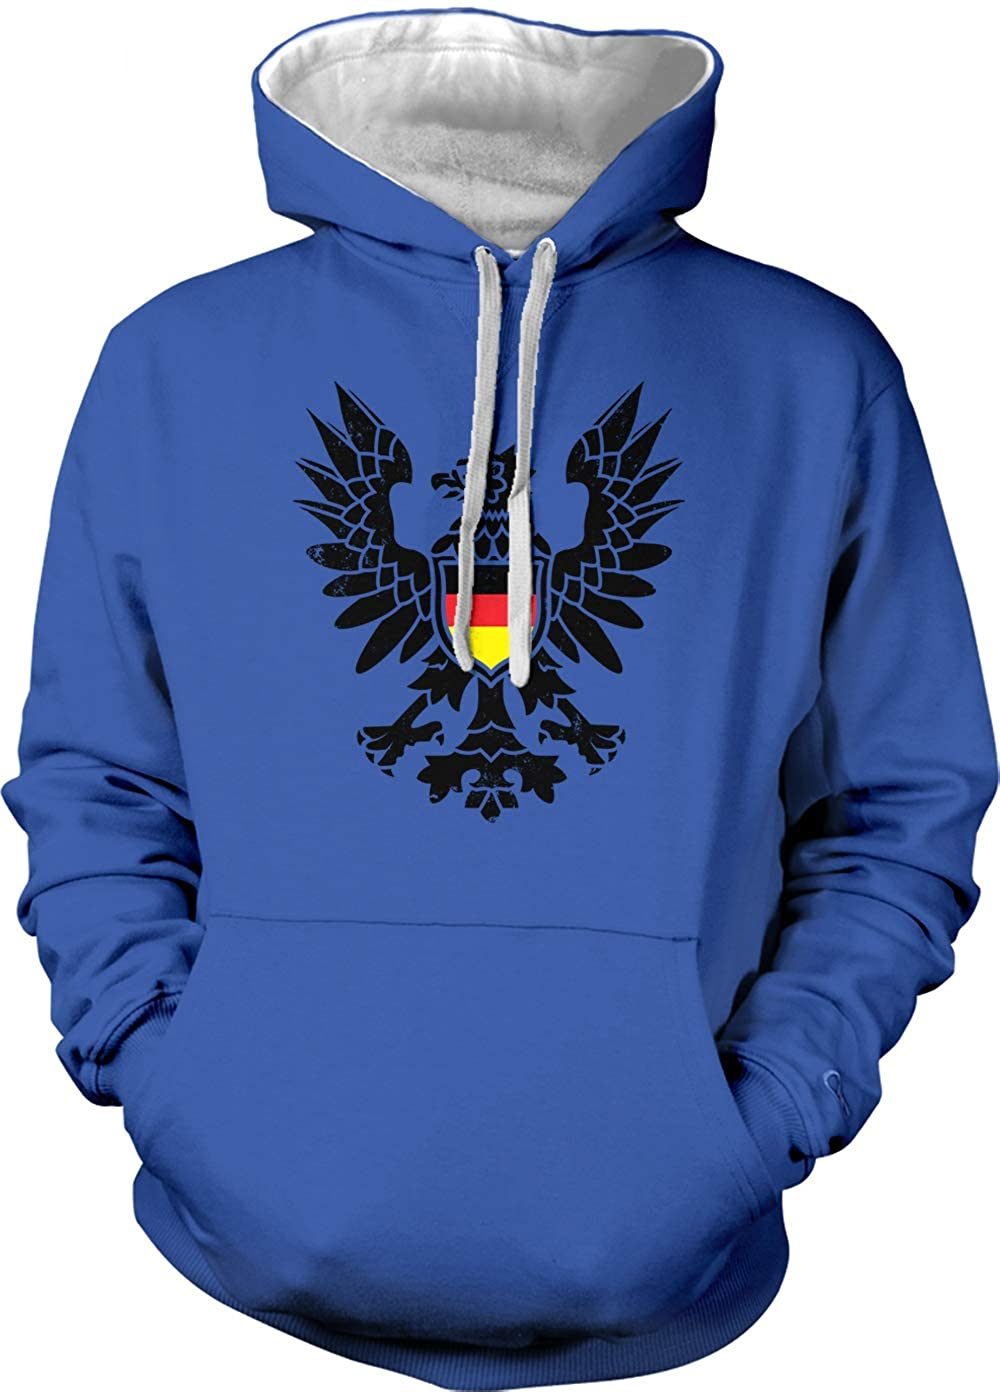 German Black Eagle - Deutschland Crest Unisex Hoodie Sweatshirt